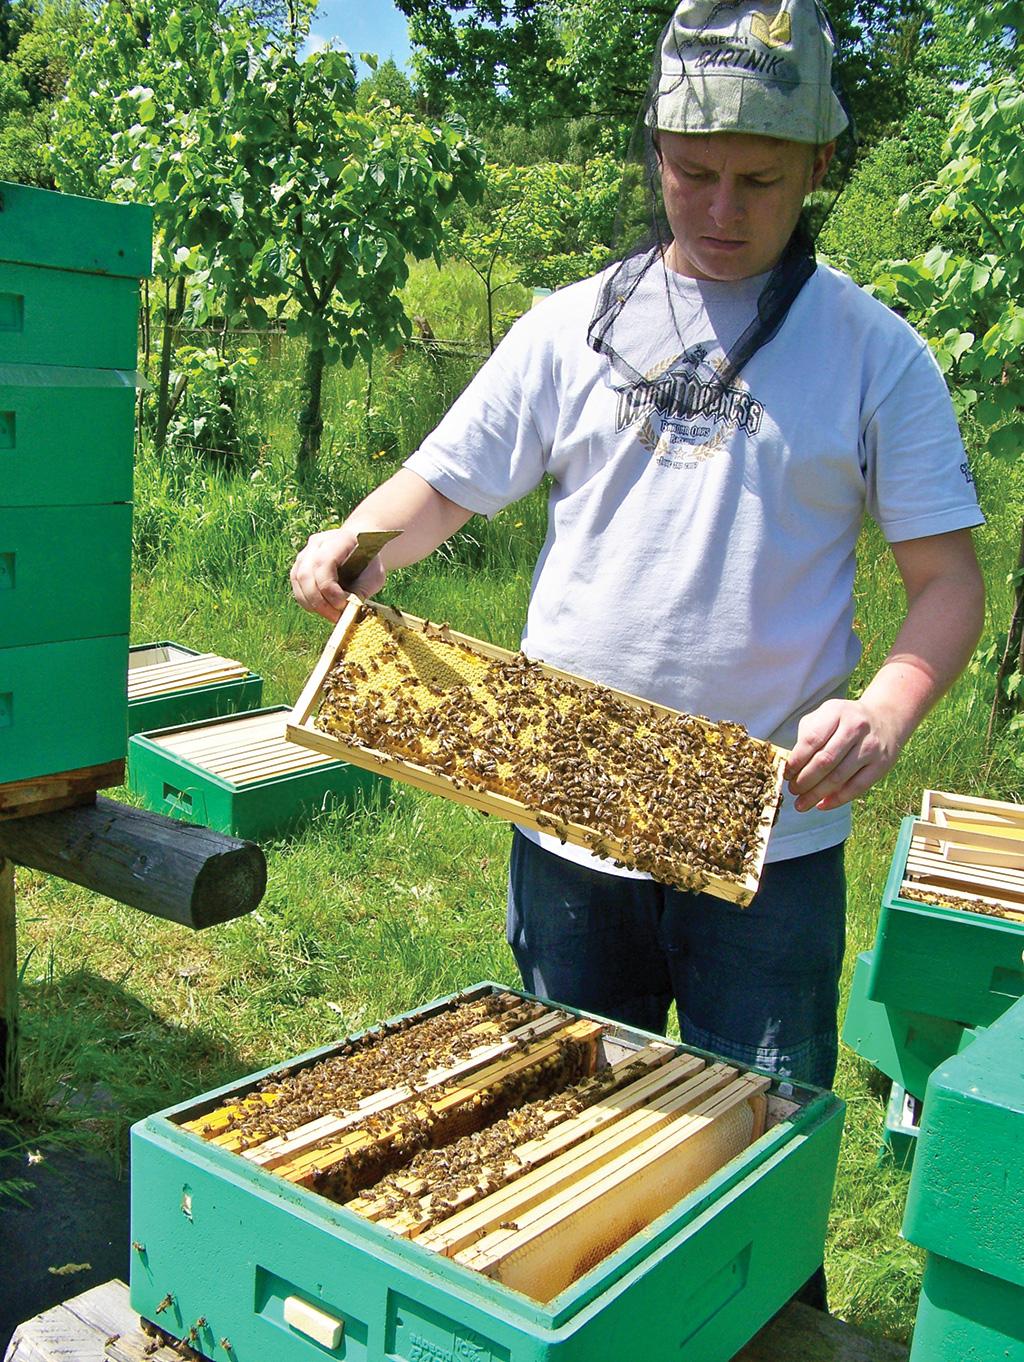 Pszczoly Skad Je Wziac I Jakie Trzeba Poniesc Koszty Pasieka24 Portal Dla Pszczelarzy Z Pasja